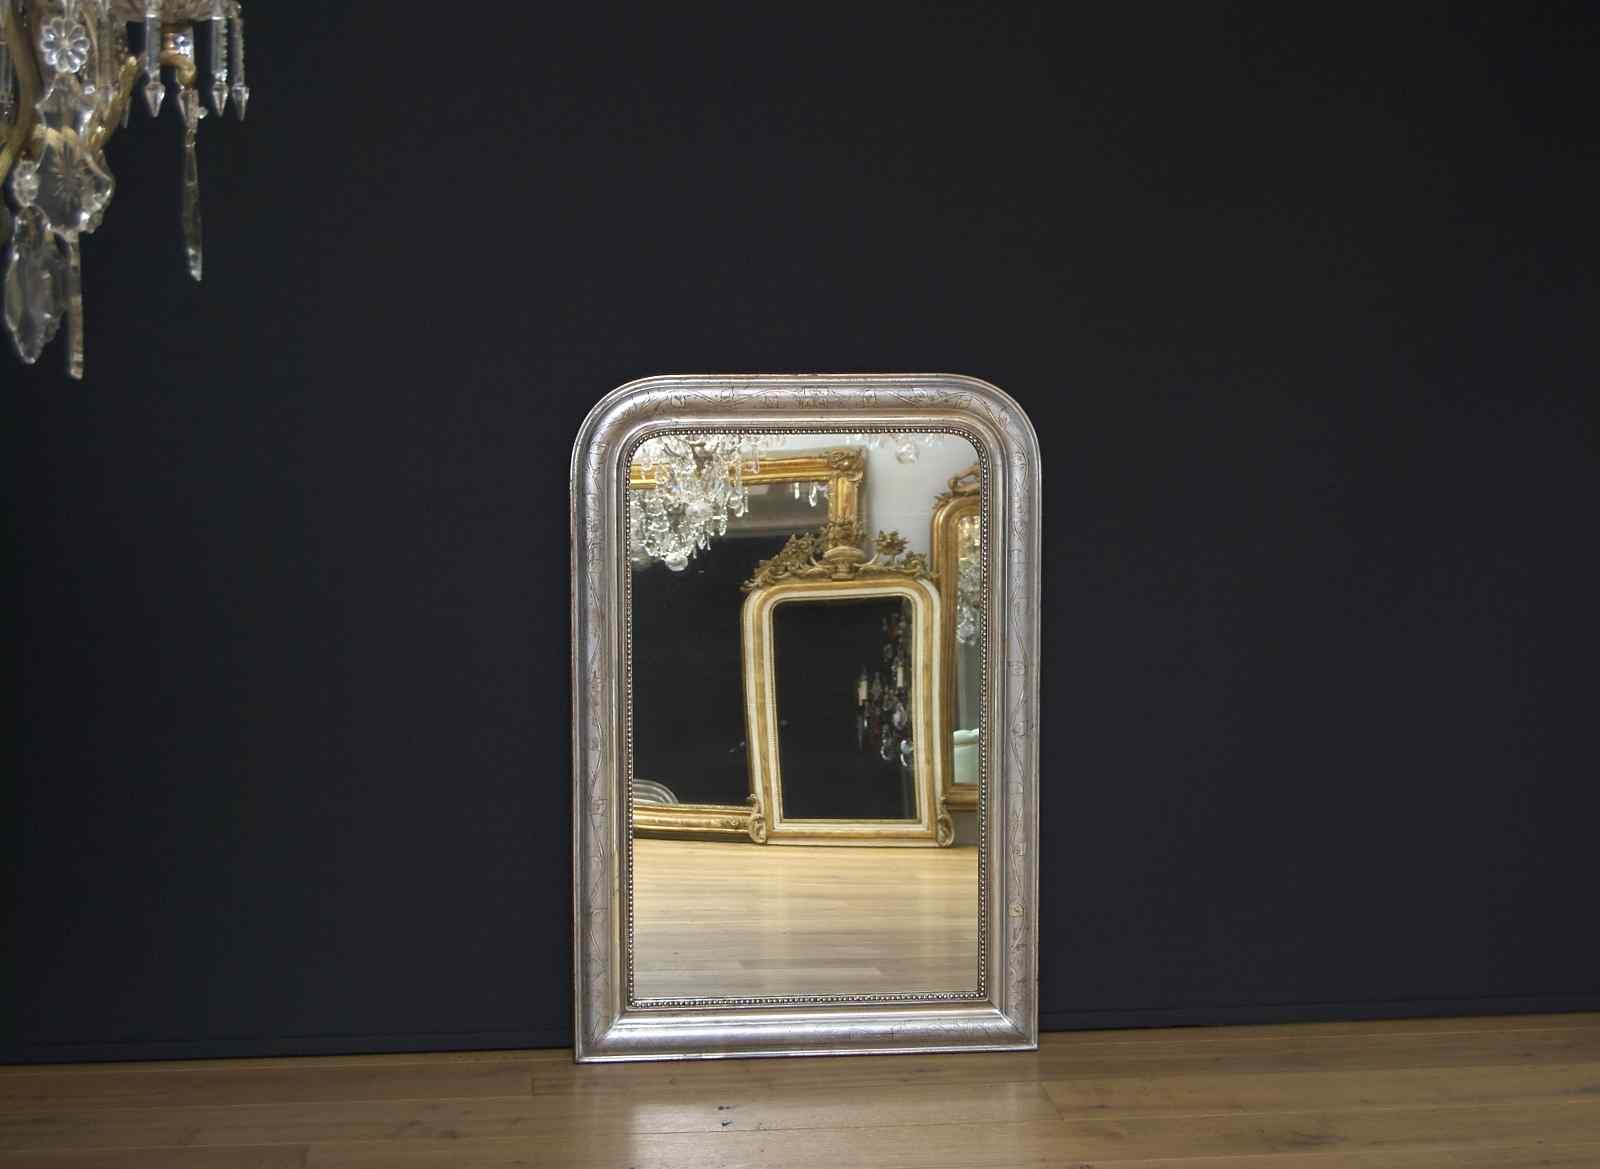 XIX sec. antico specchio argentato francese Luigi Filippo